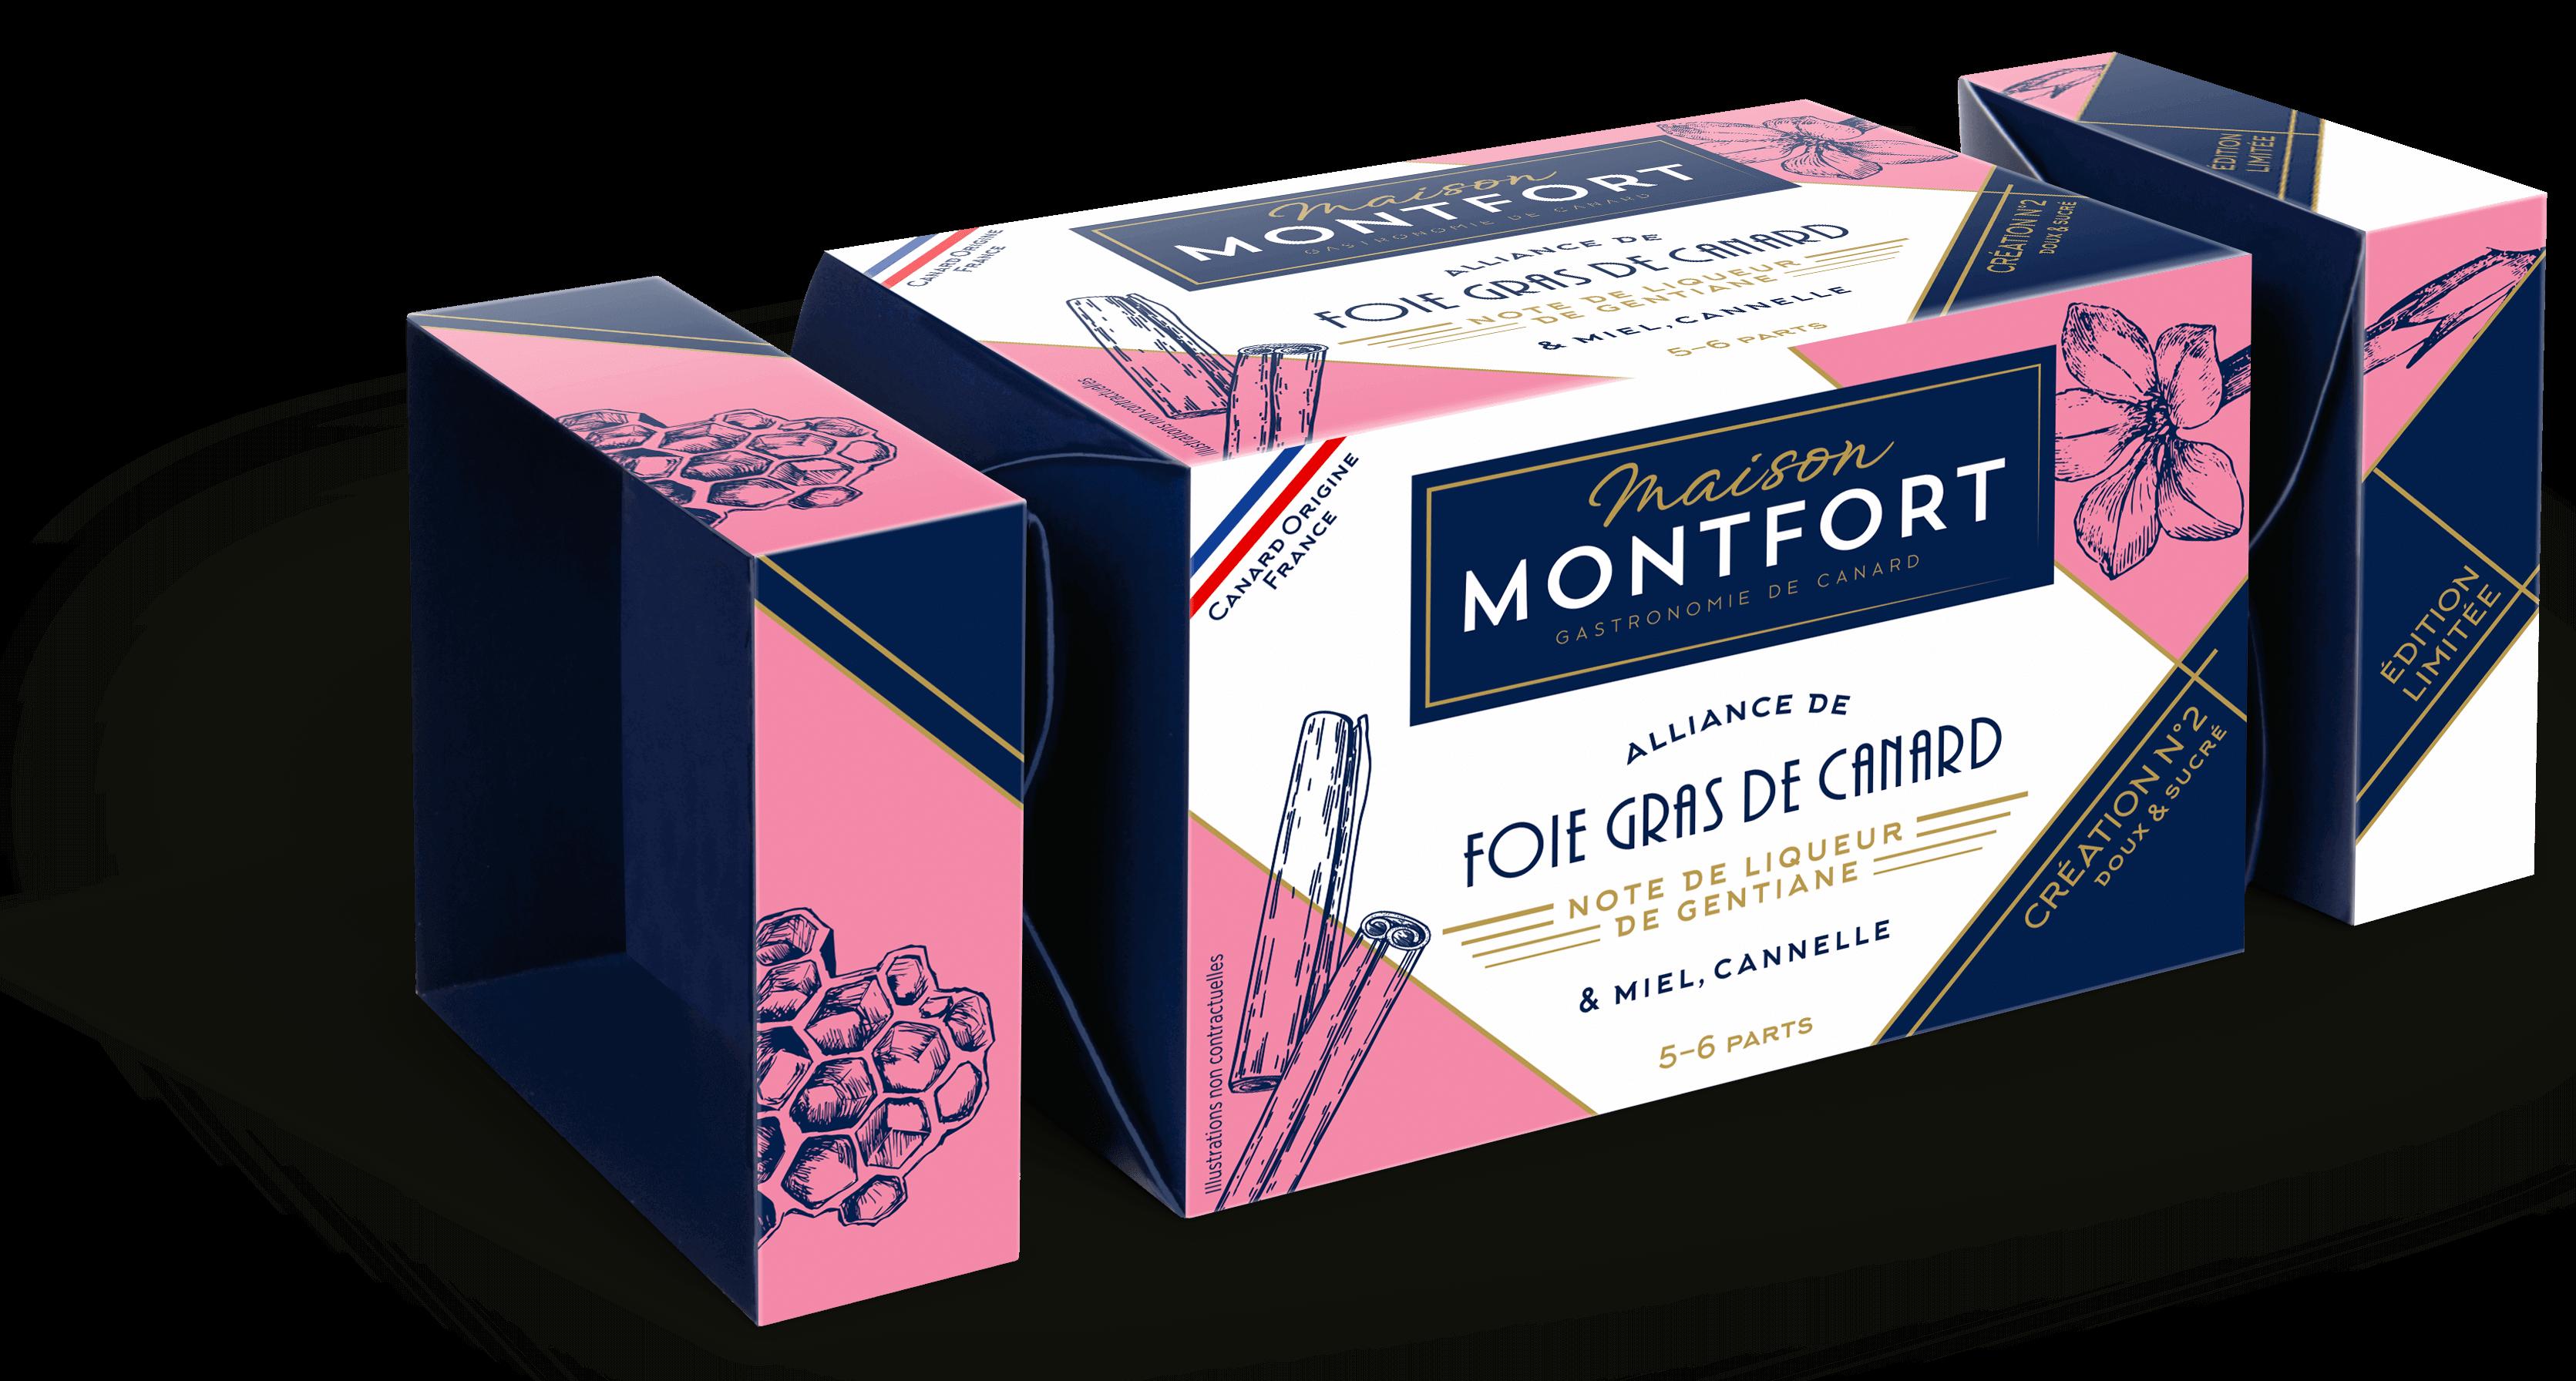 Création n°2 Alliance de foie gras de canard, note de liqueur de gentiane & miel, cannelle